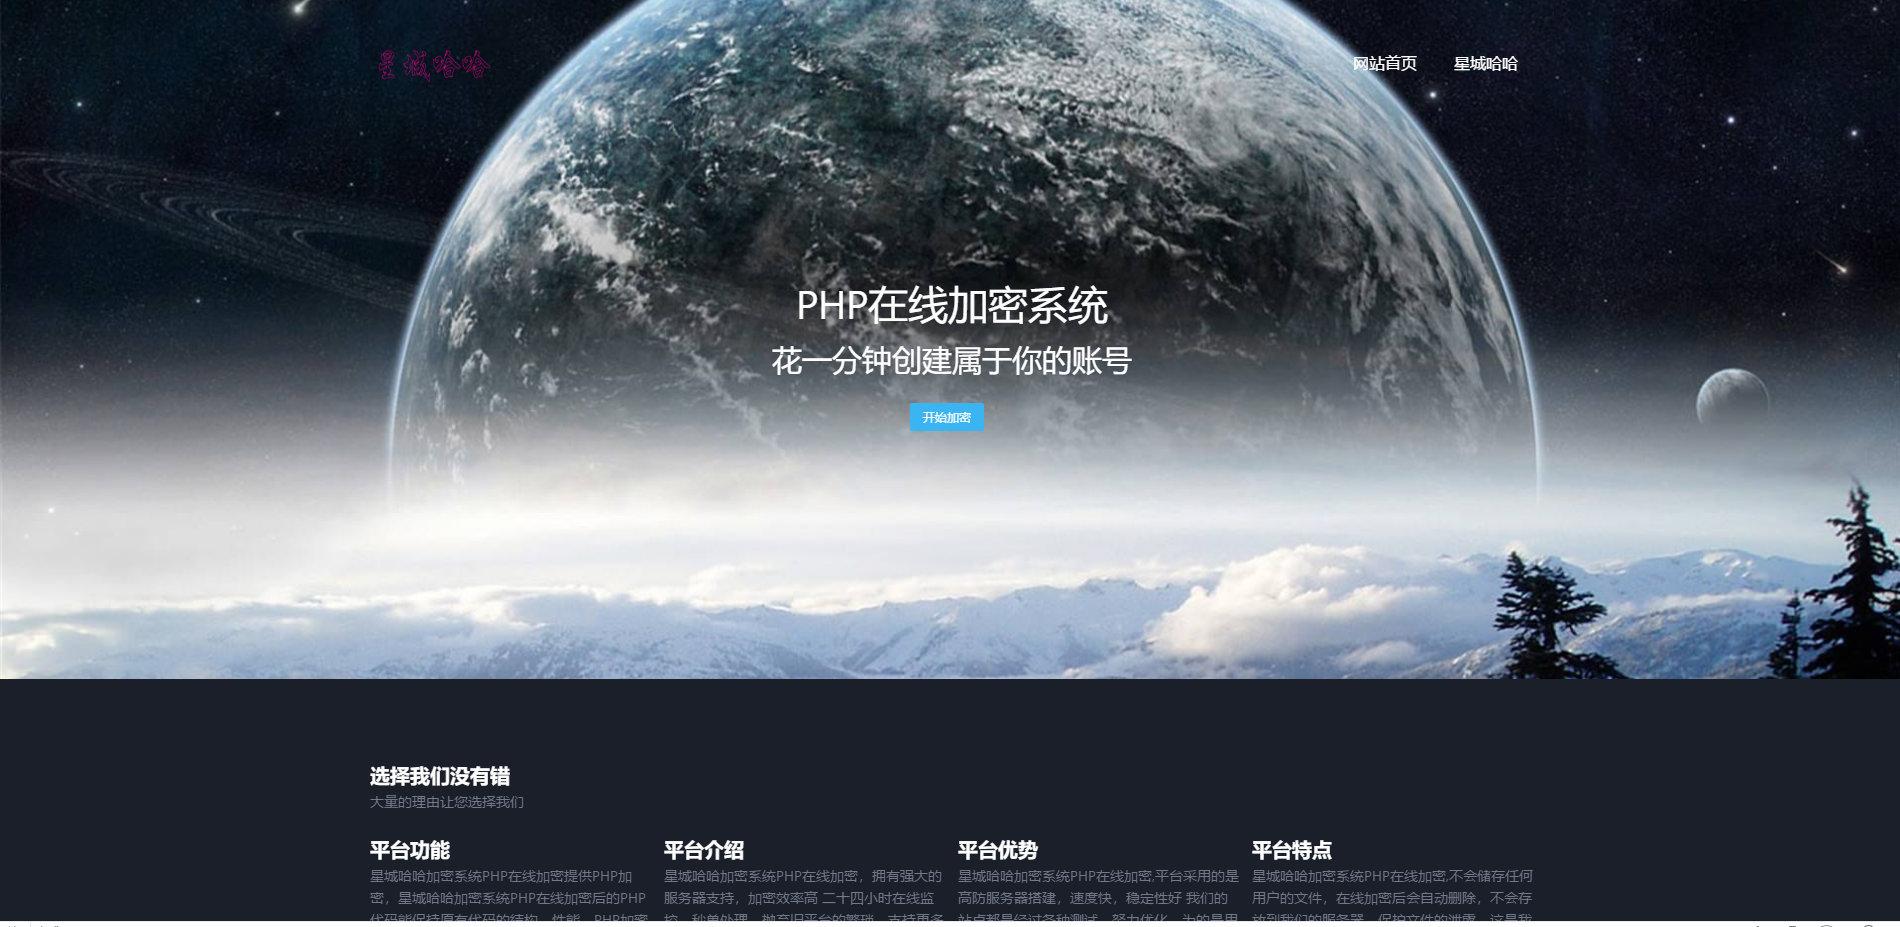 陌屿云PHP在线加密系统